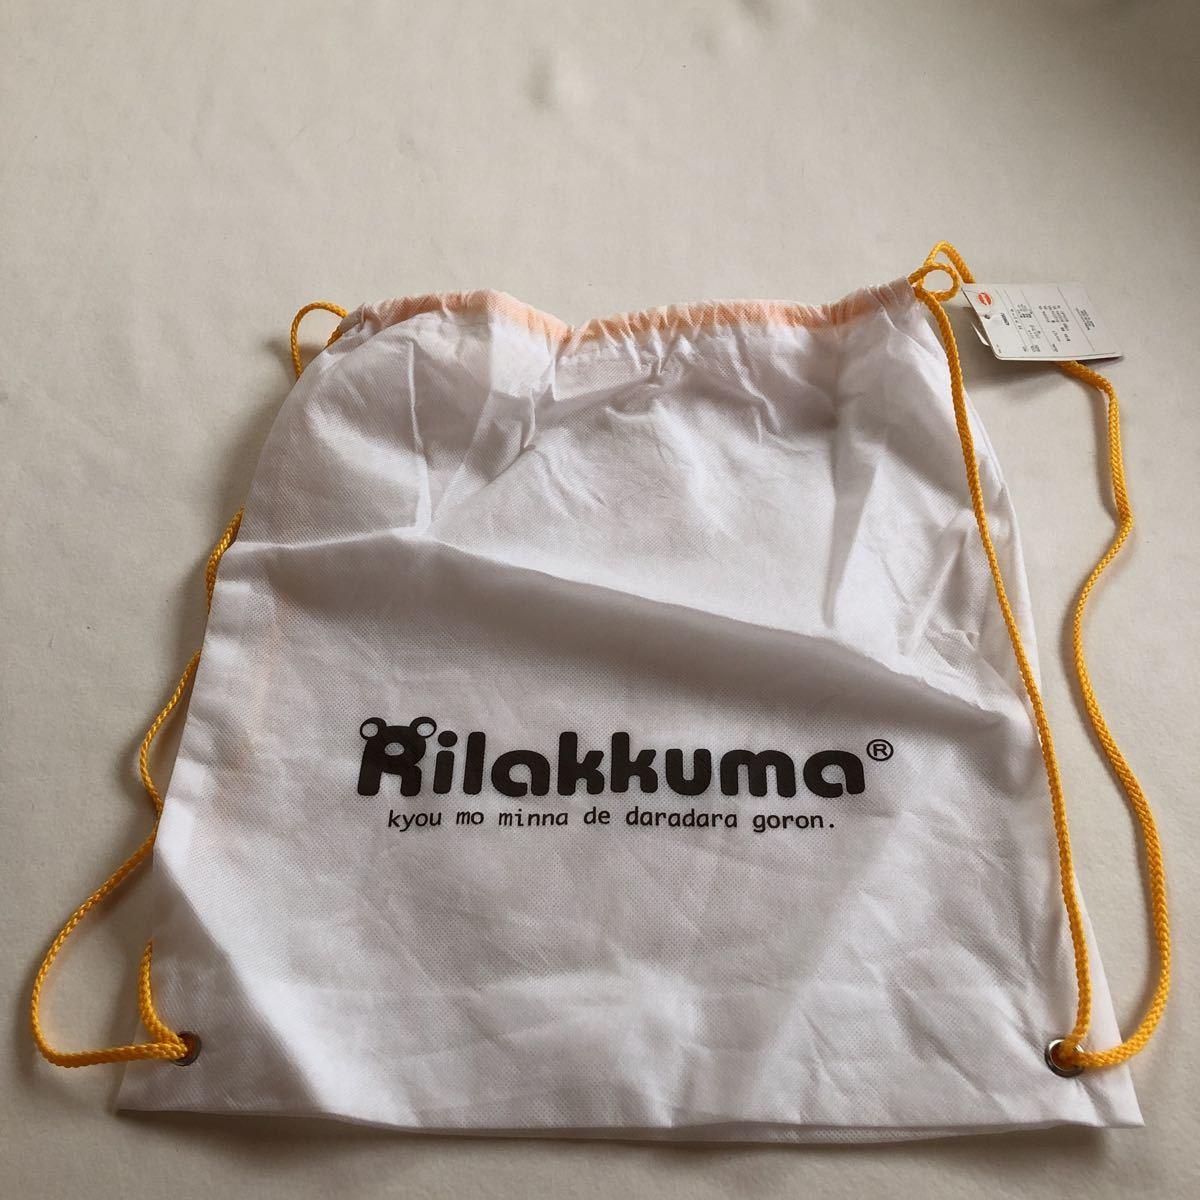 リラックマ 巾着 ショルダーバッグ ロゴ バック 鞄 新品 不織布 Rilakkuma エコバッグ 鞄 かばん カバン リュックサック 福袋もの_画像1